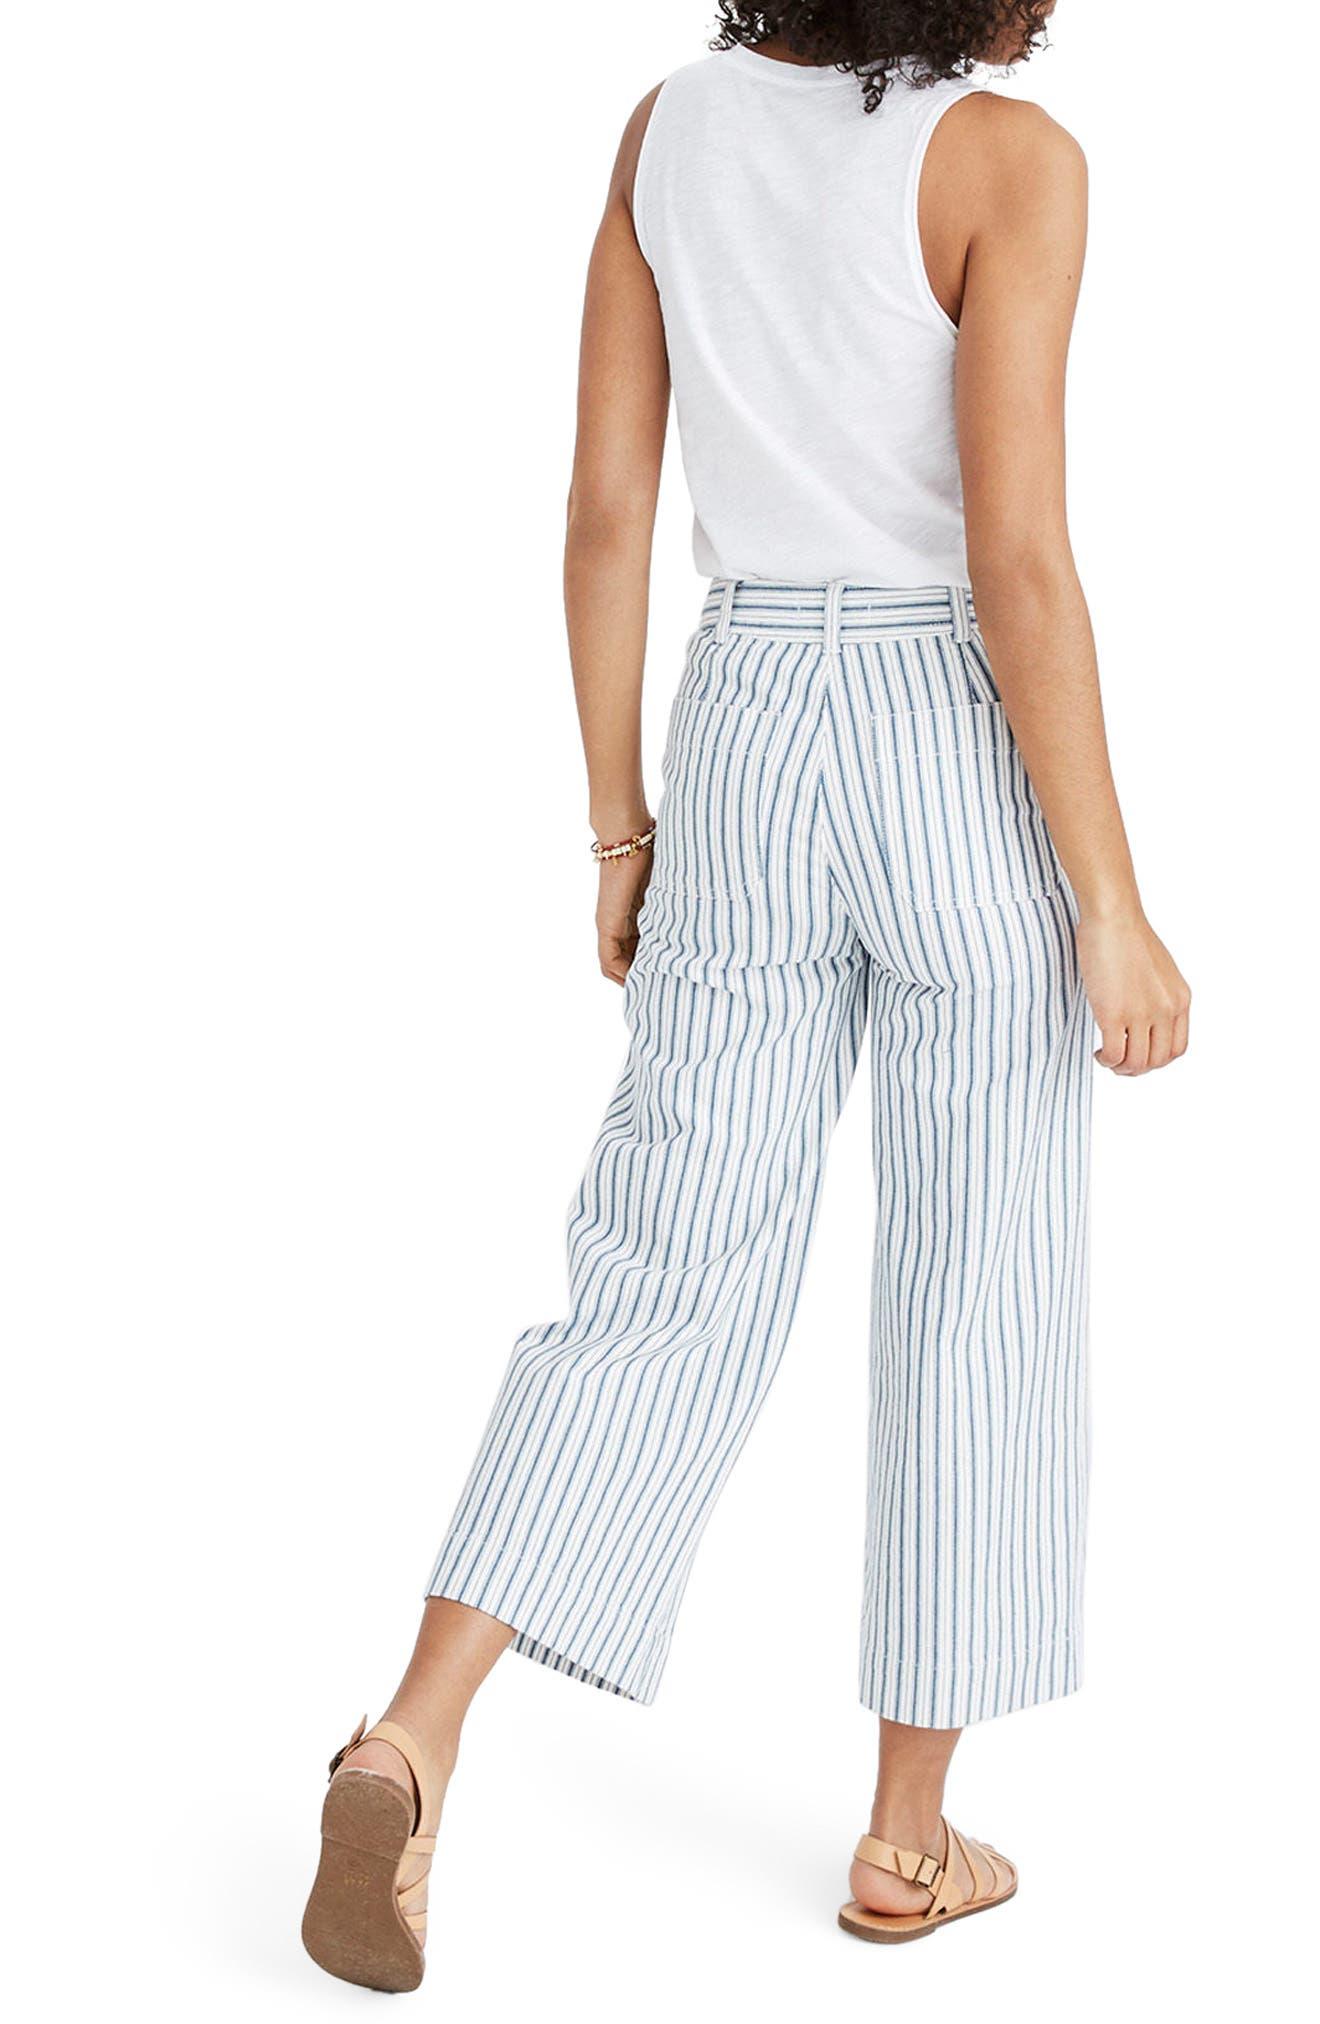 Emmett Stripe Crop Wide Leg Pants,                             Main thumbnail 1, color,                             400